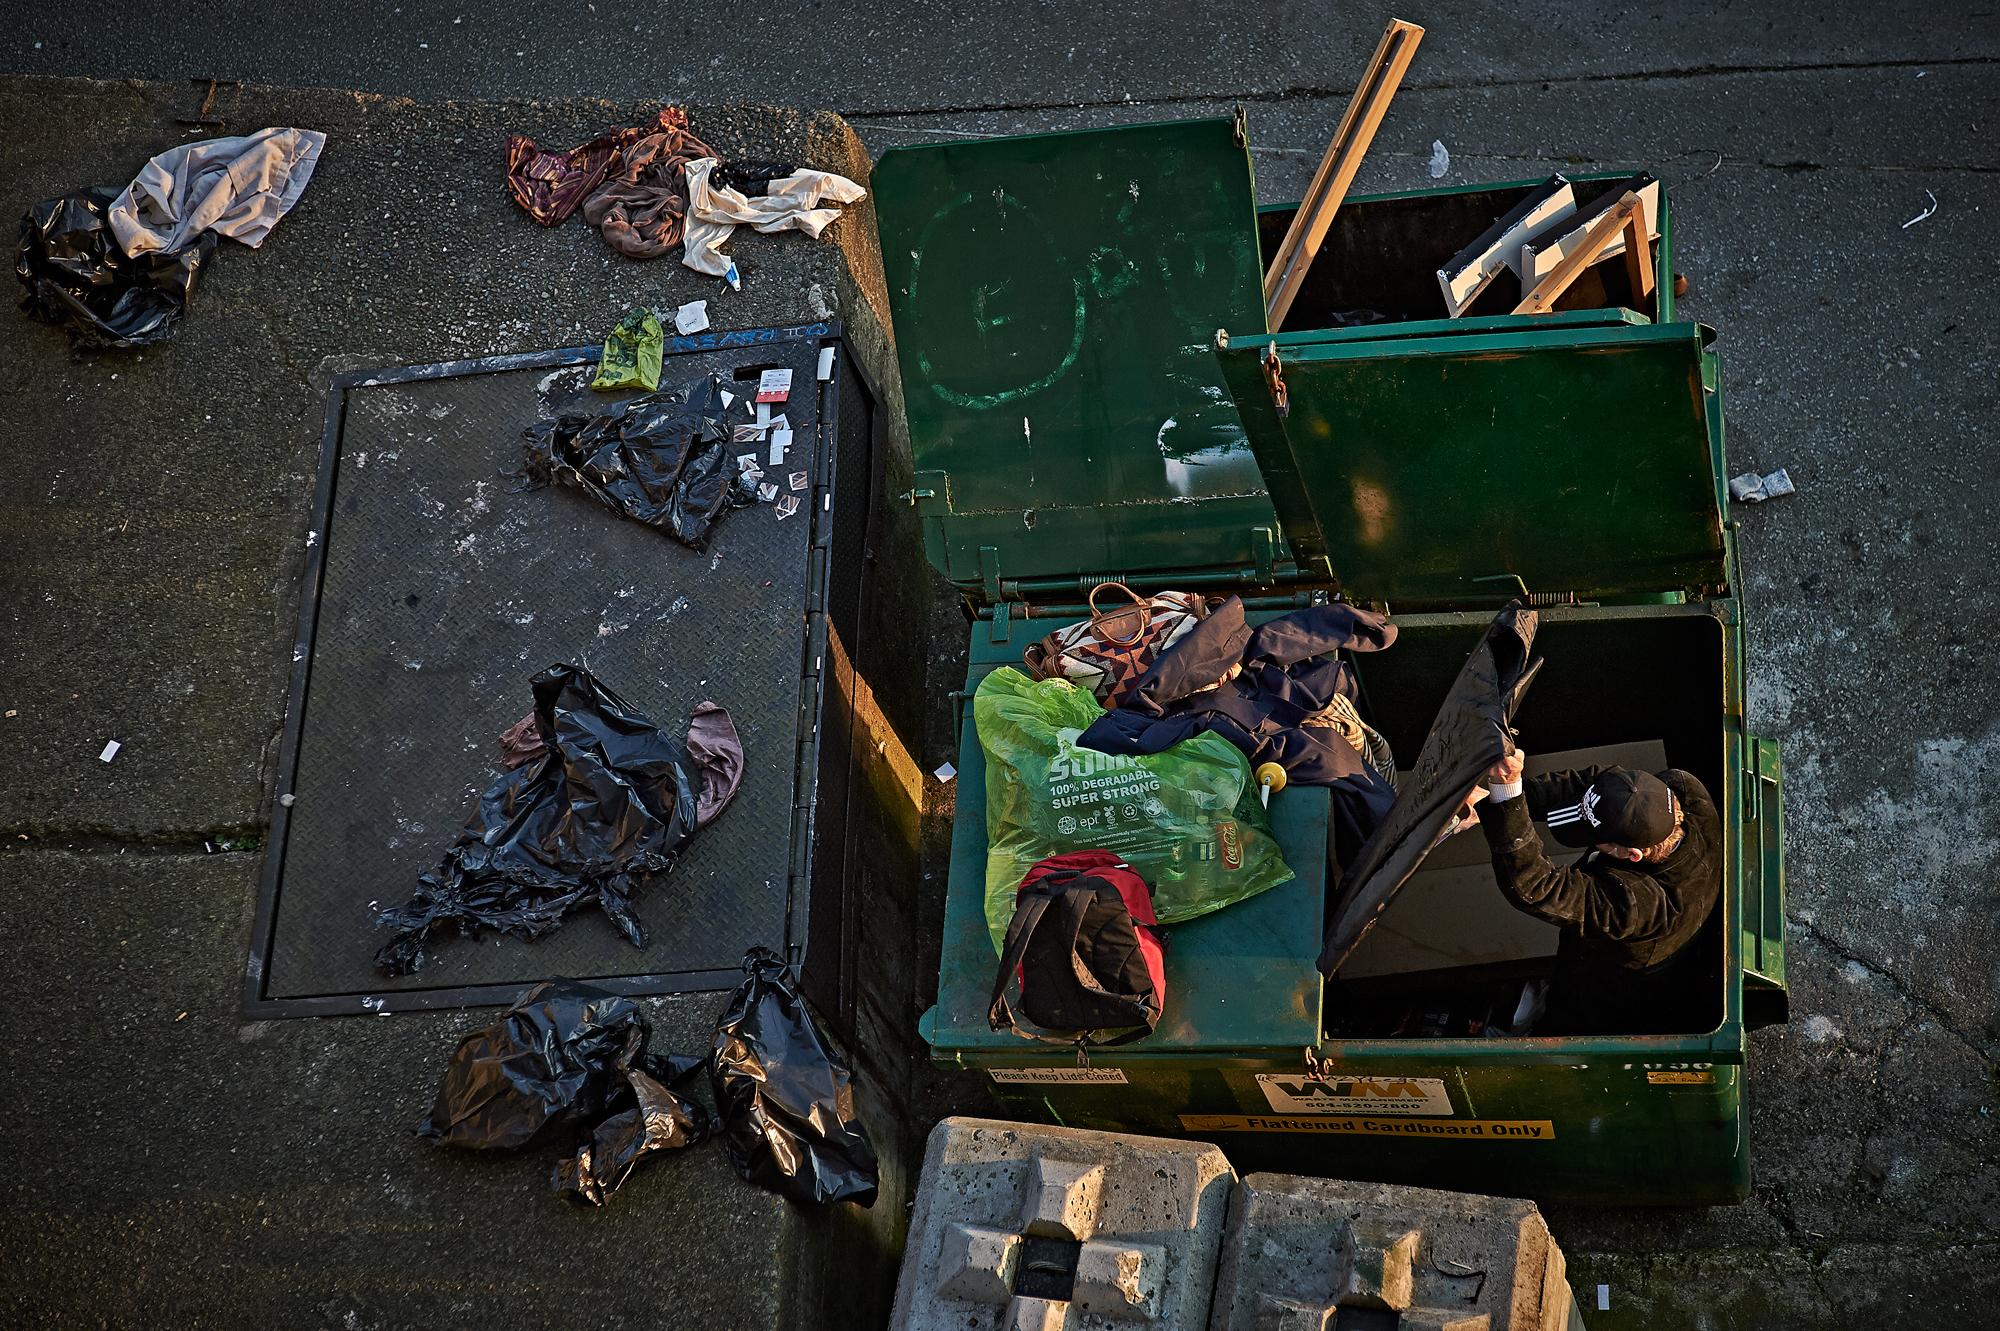 Dumpster sex